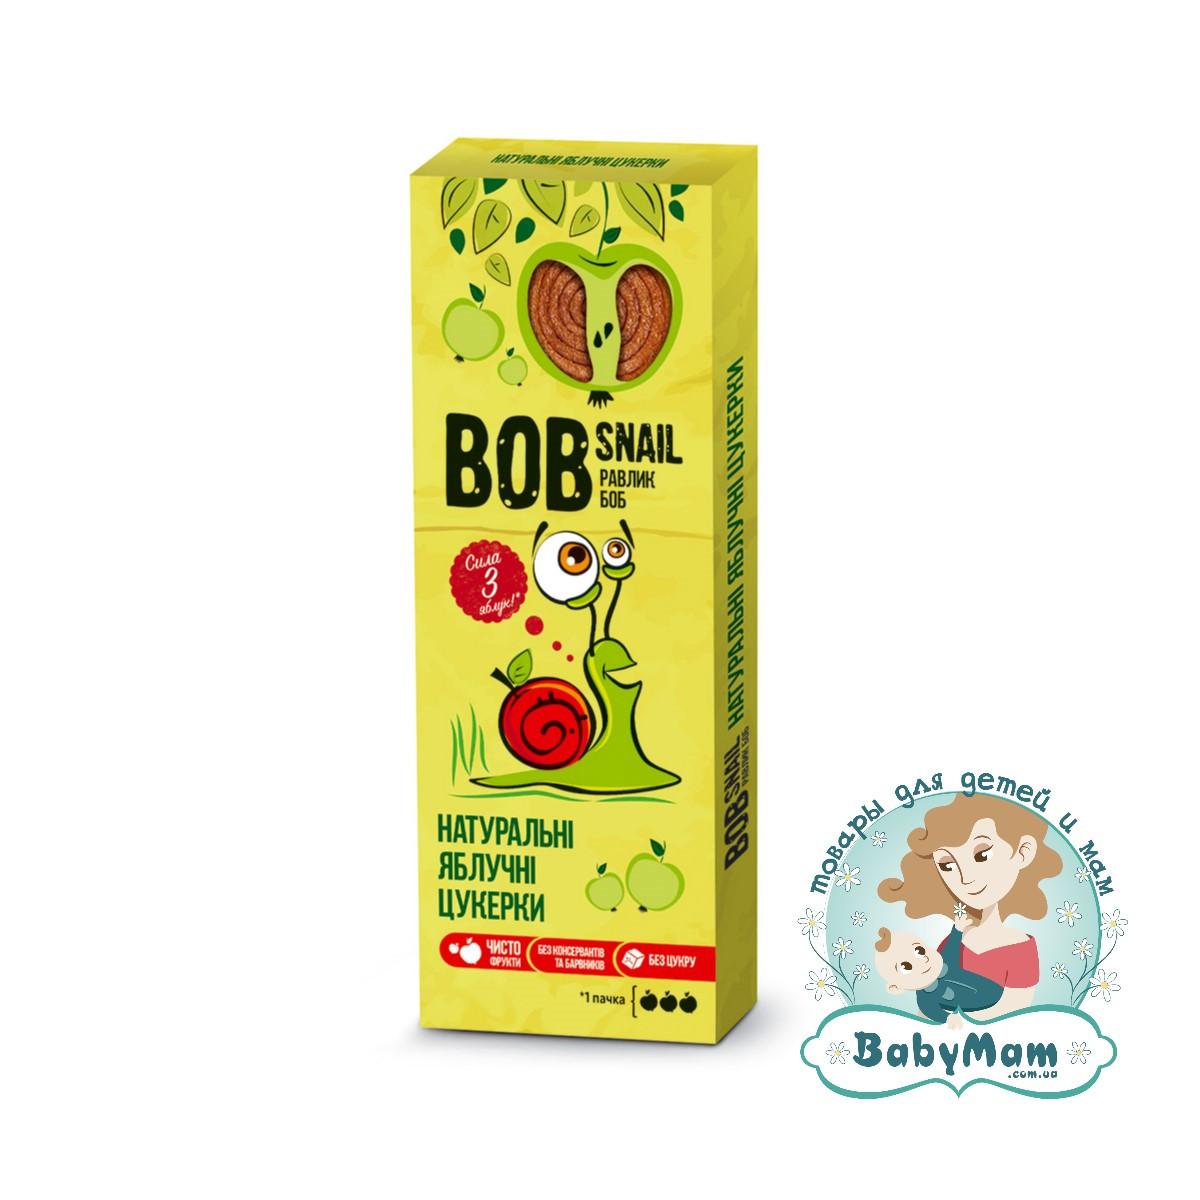 Конфеты натуральные Bob Snail (Равлик Боб) Яблочные, 30гр